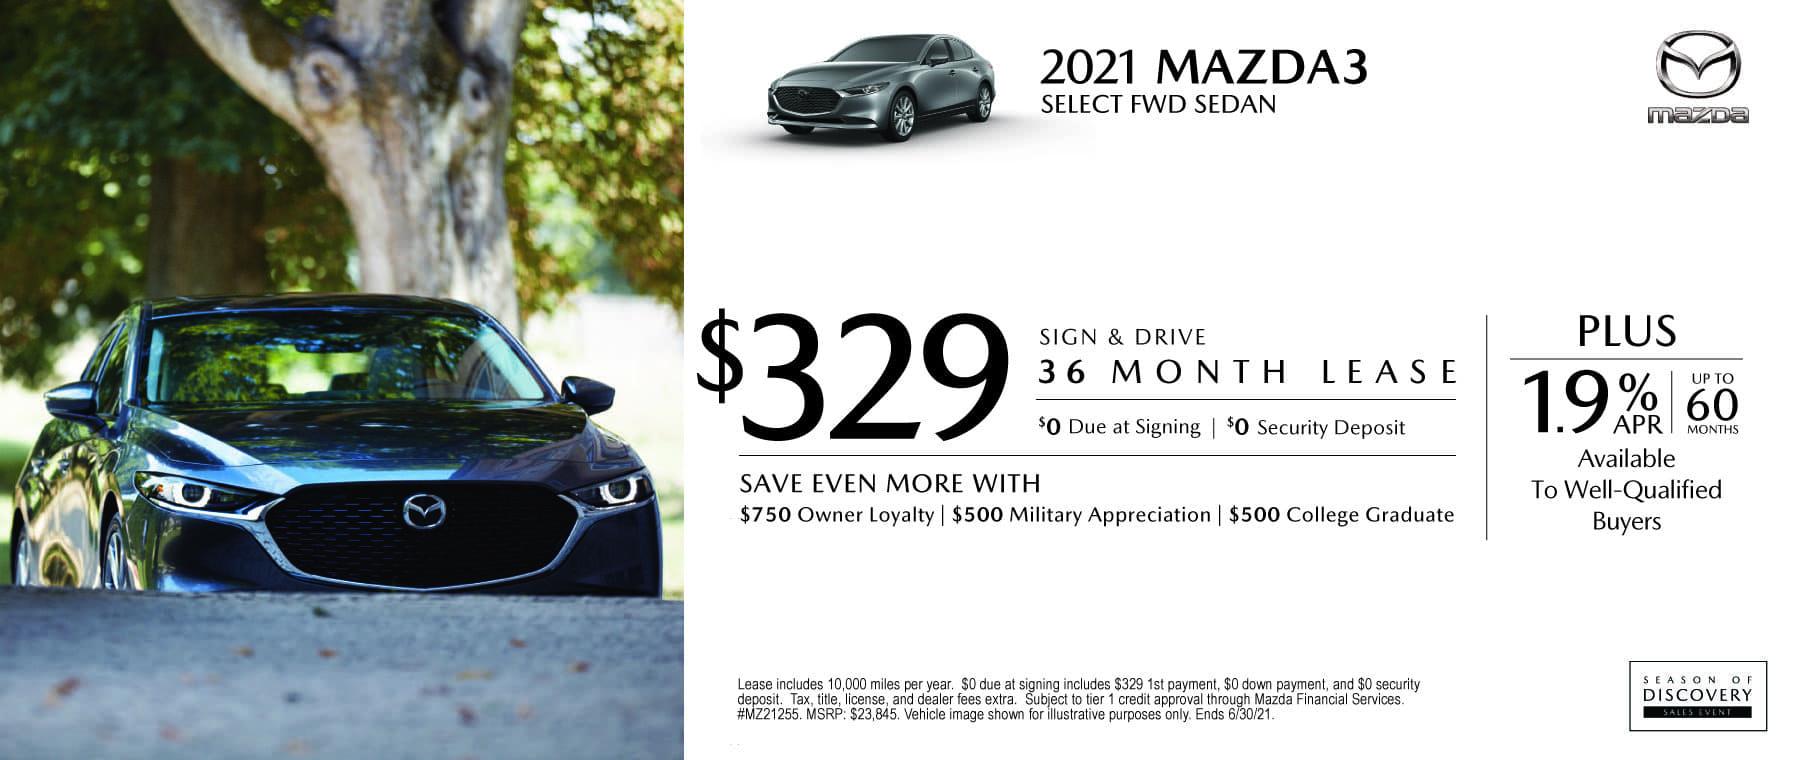 June-2021-Mazda-CS-Slides_Mazda3-0-Down-2